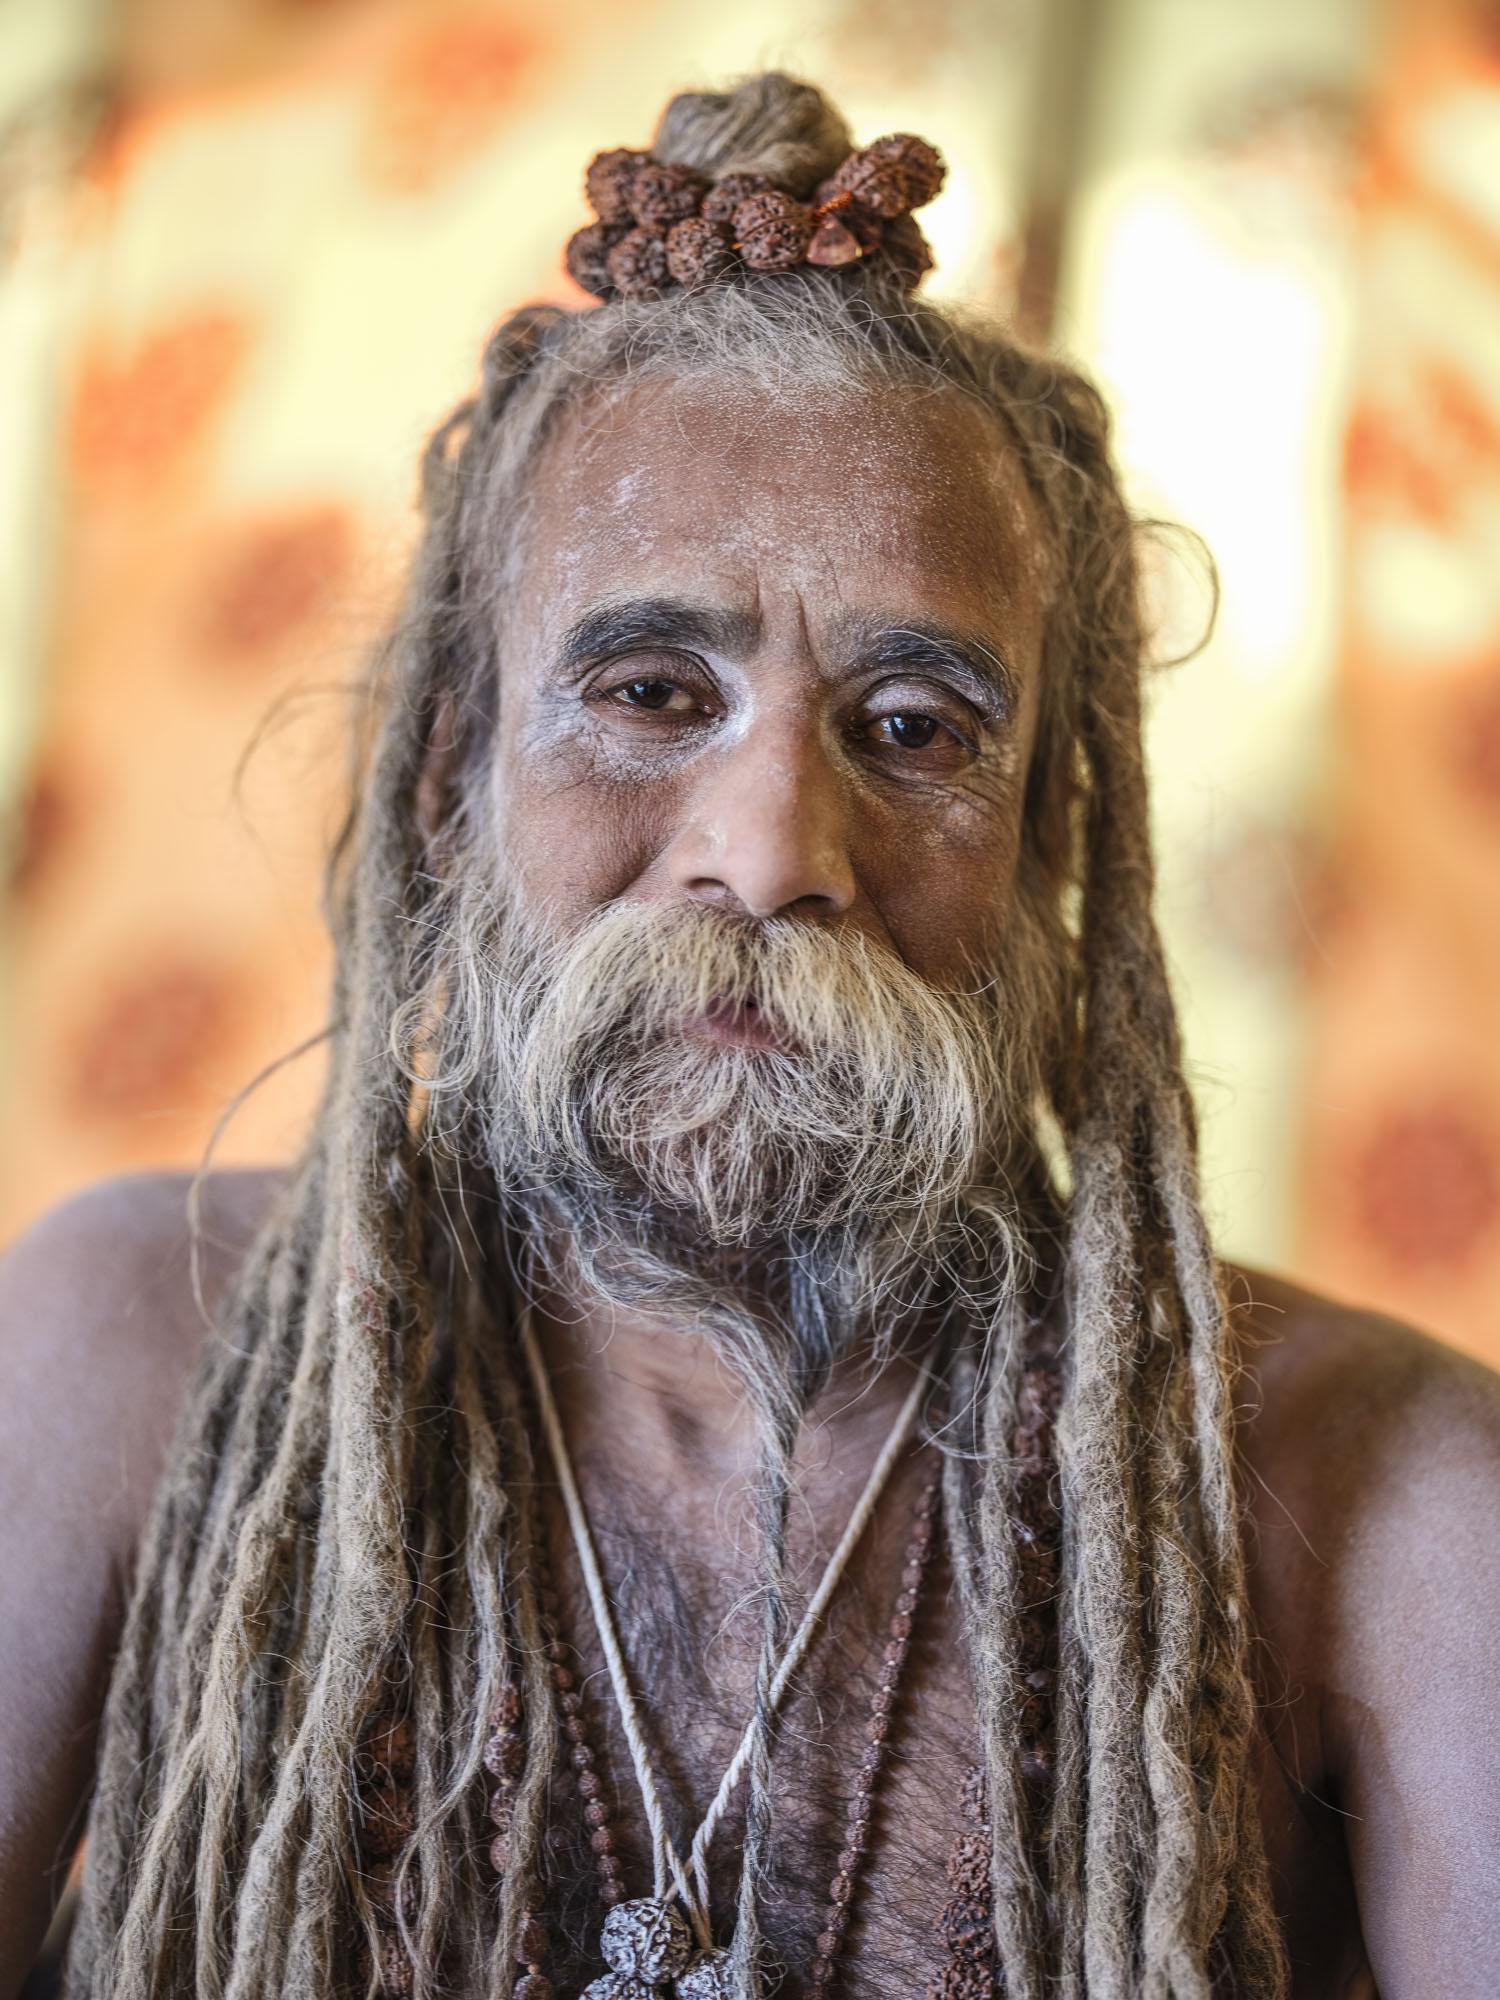 Kumbh Mela Documentary Photography India Hindu Festival Allahabad Travel Jose Jeuland 165